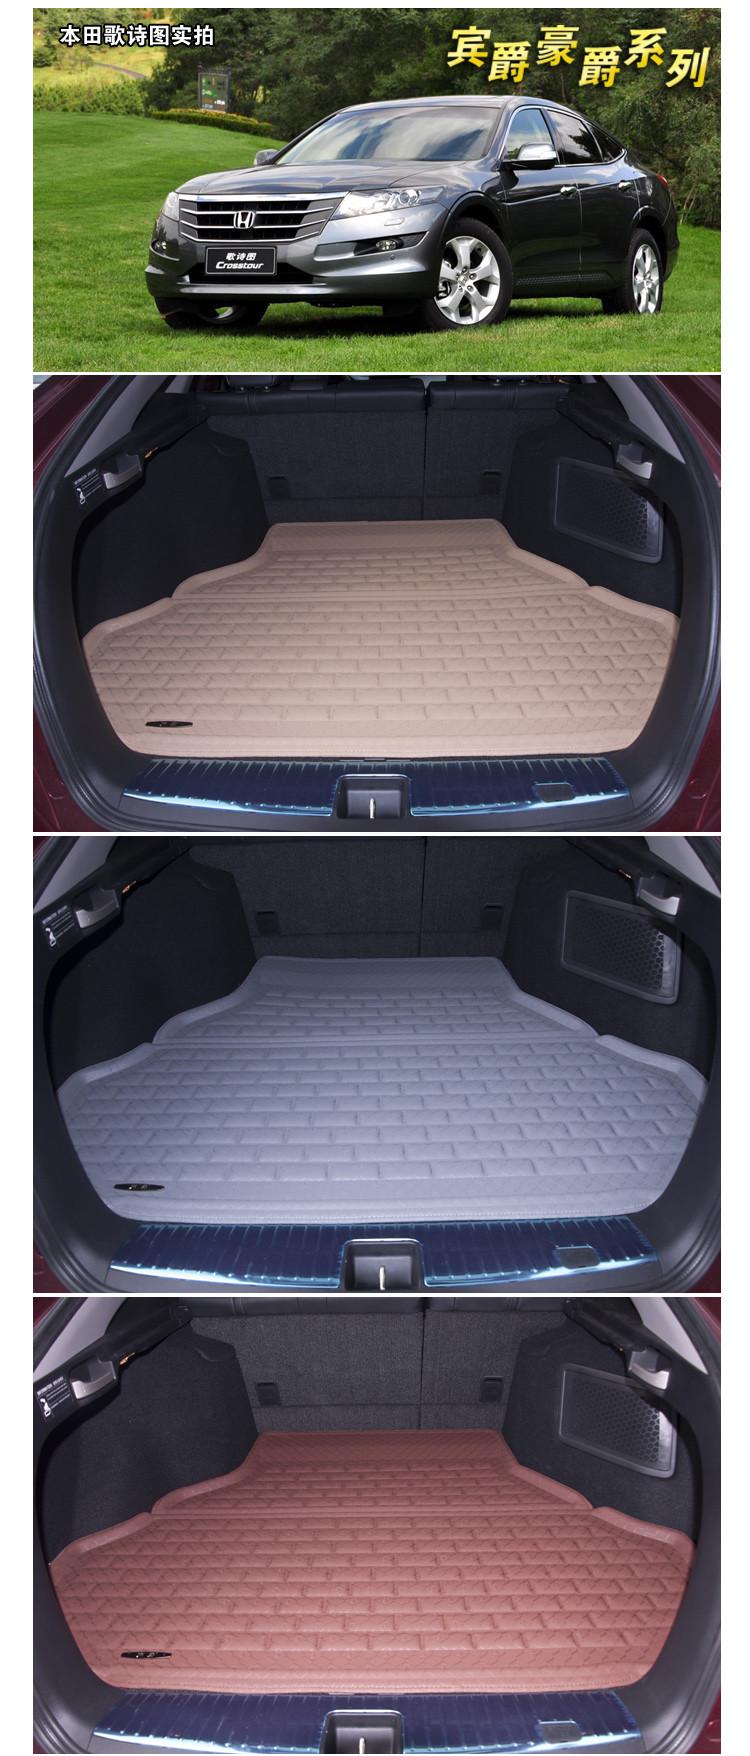 宾爵 爵尚本田歌诗图专用汽车后备箱垫 歌诗图后箱垫尾箱垫(黑色)